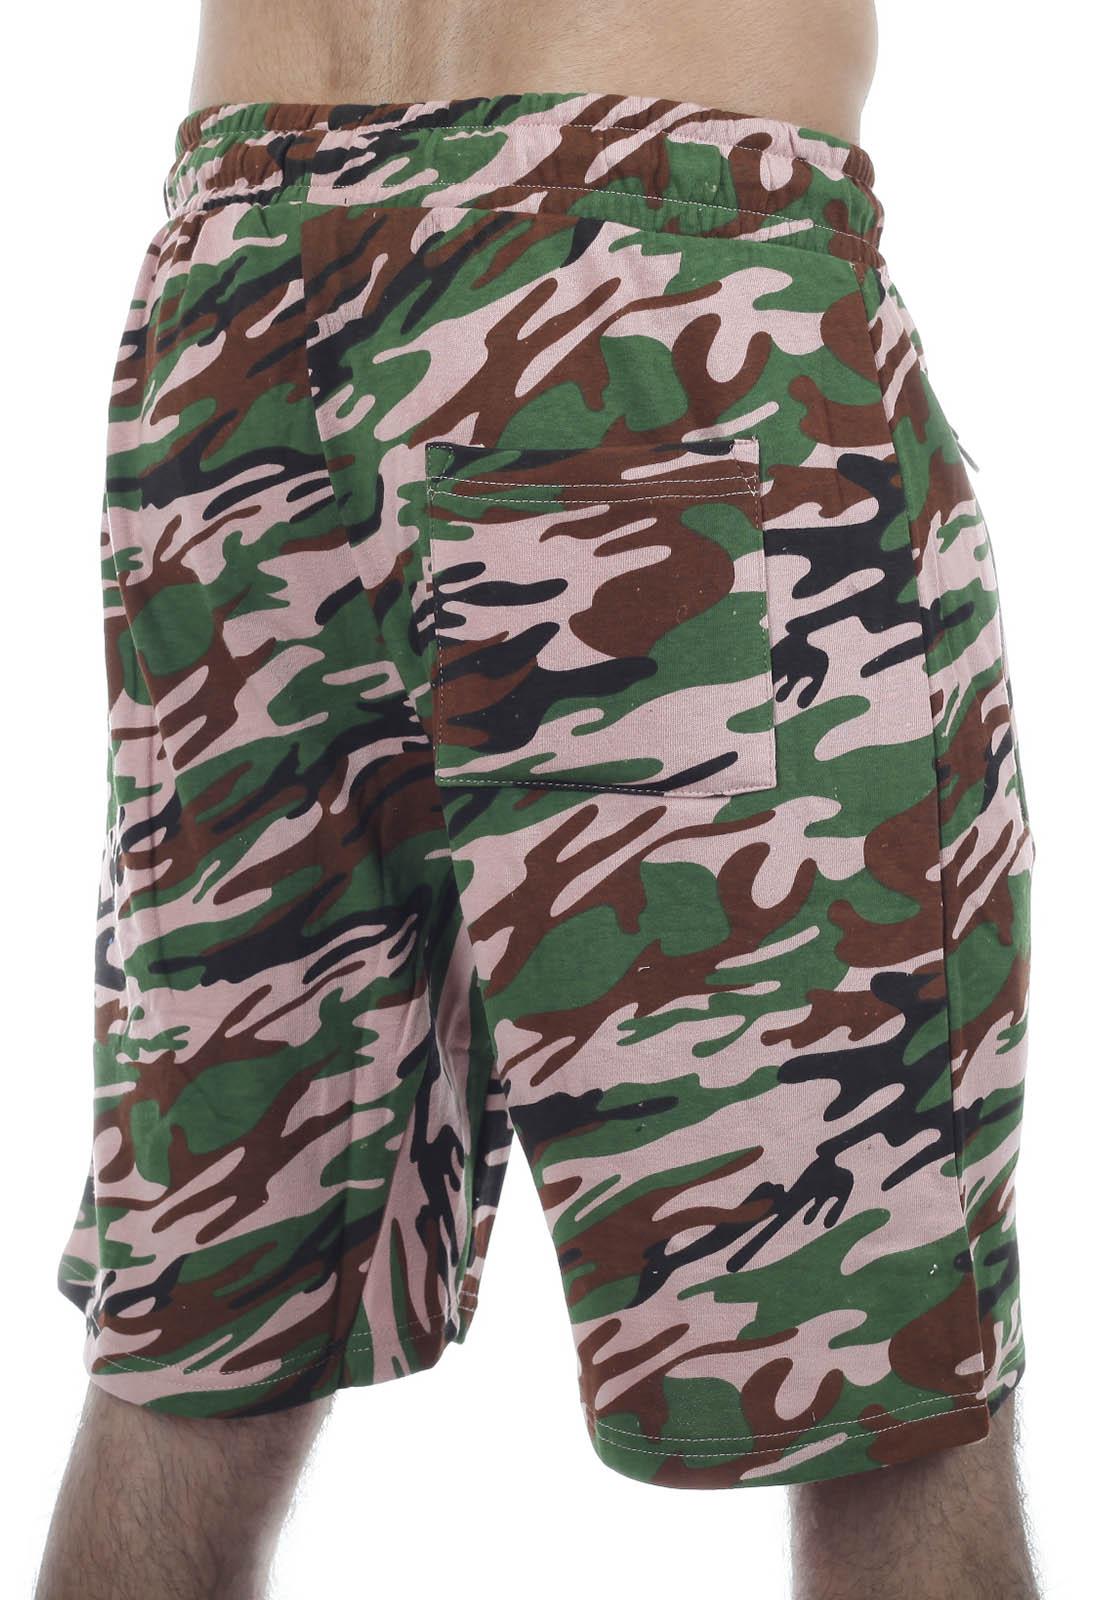 Свободные шорты особого фасона с нашивкой РХБЗ - заказать выгодно